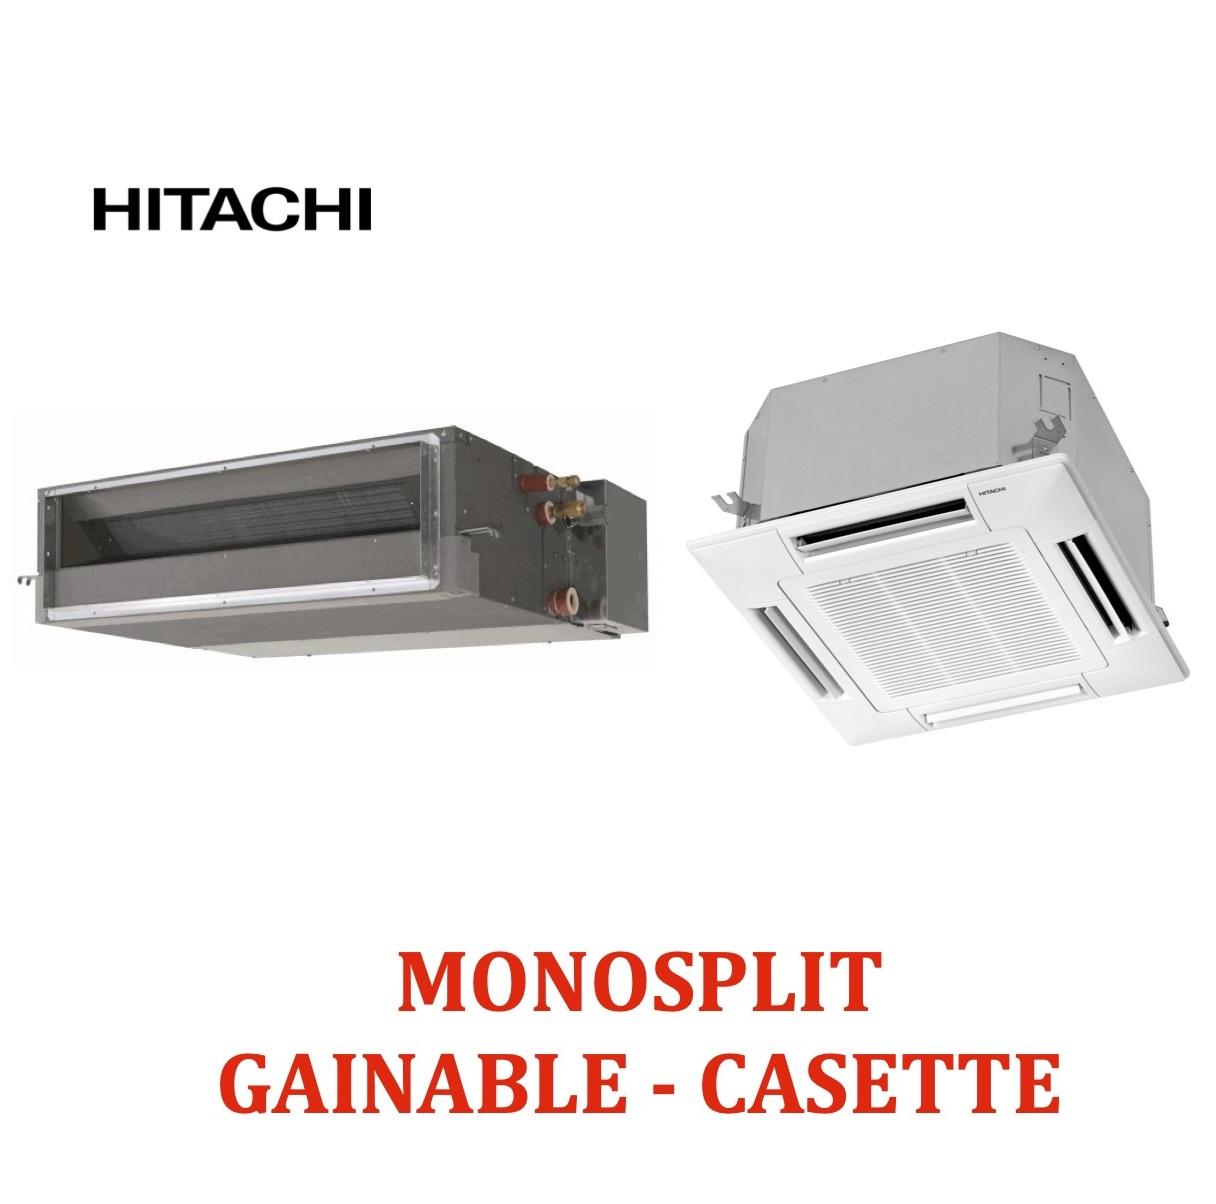 Monosplit cassette et gainable